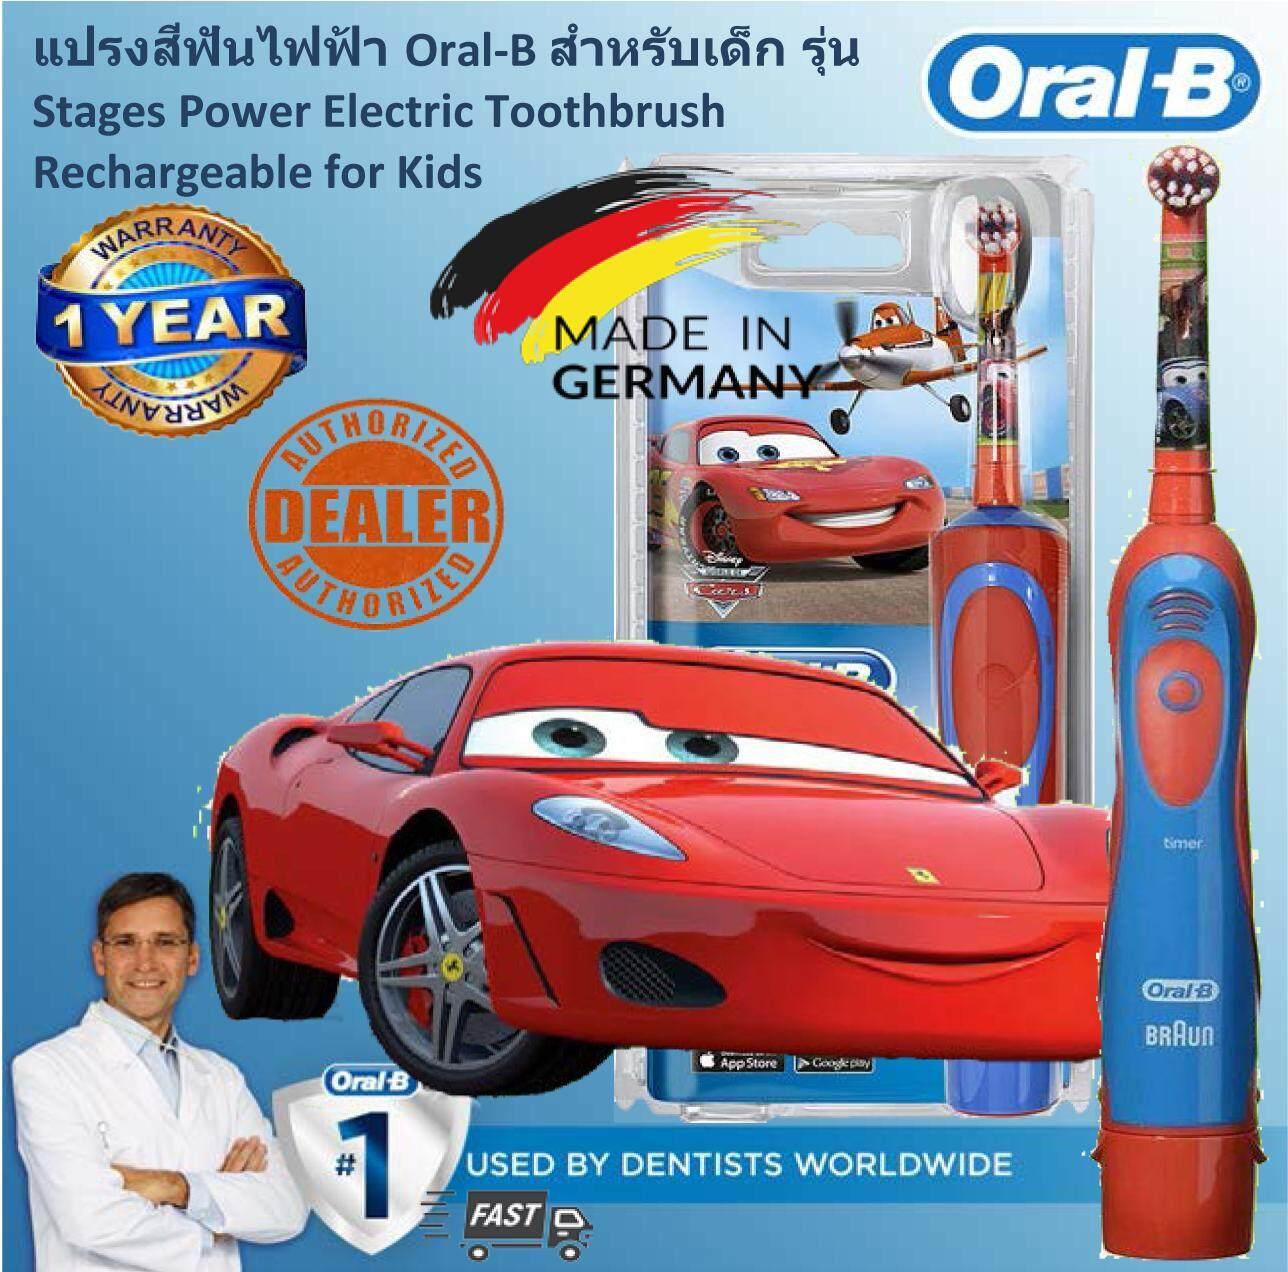 แปรงสีฟันไฟฟ้า ช่วยดูแลสุขภาพช่องปาก อุดรธานี Oral B Stages Power Kids Electric Toothbrush  Disney Car  แปรงสีฟันไฟฟ้าสำหรับเด็ก Oral B Stages รุ่น Disney Car